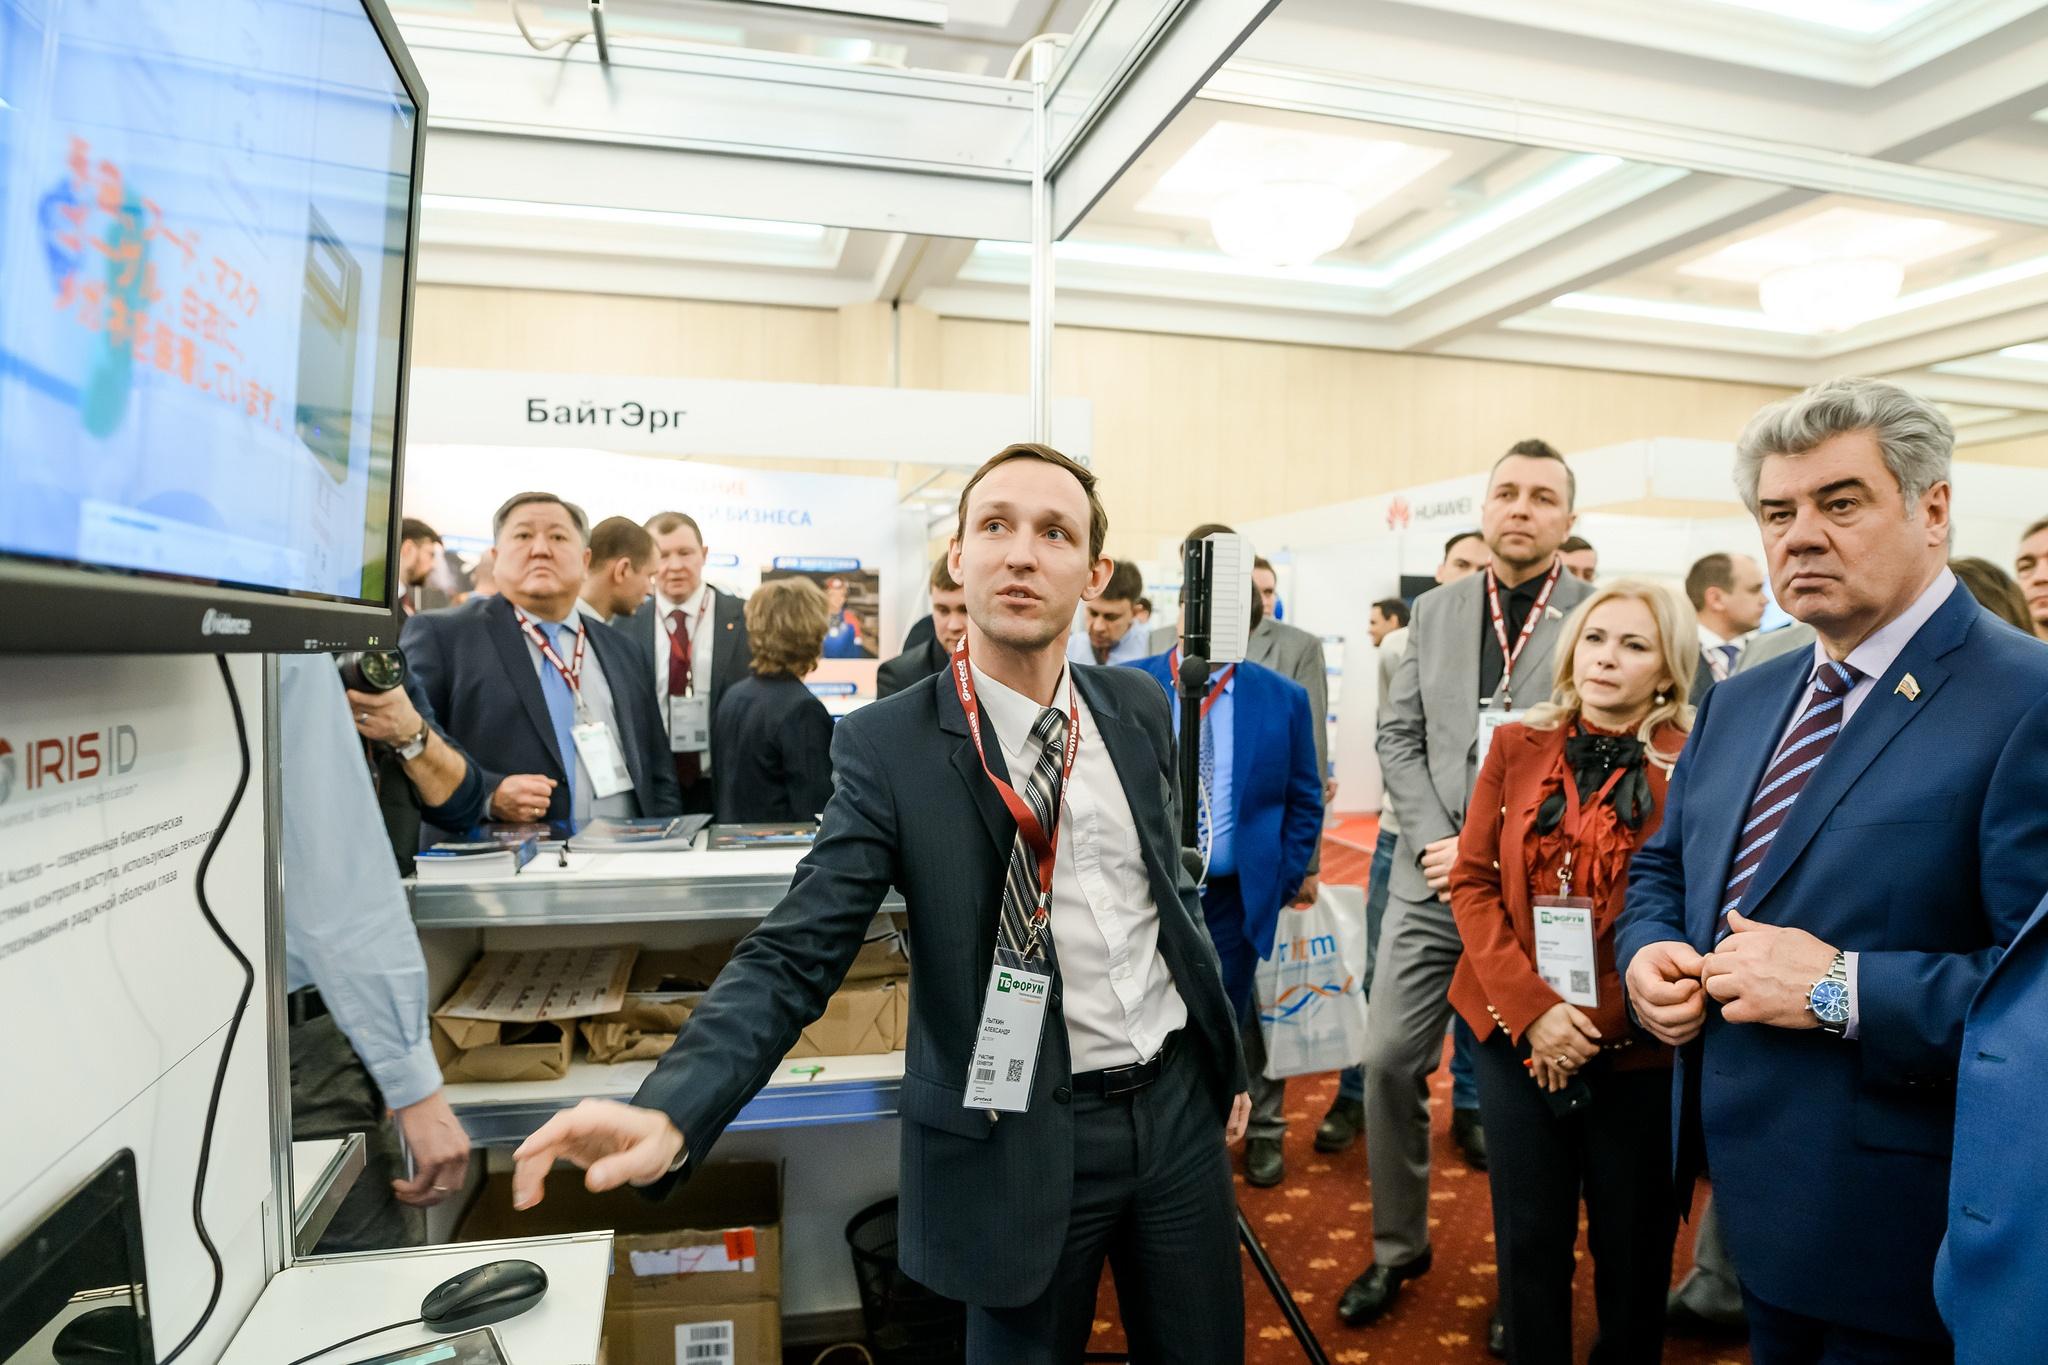 Годовая серия встреч с заказчиками с бюджетом на безопасность свыше 30 млн рублей